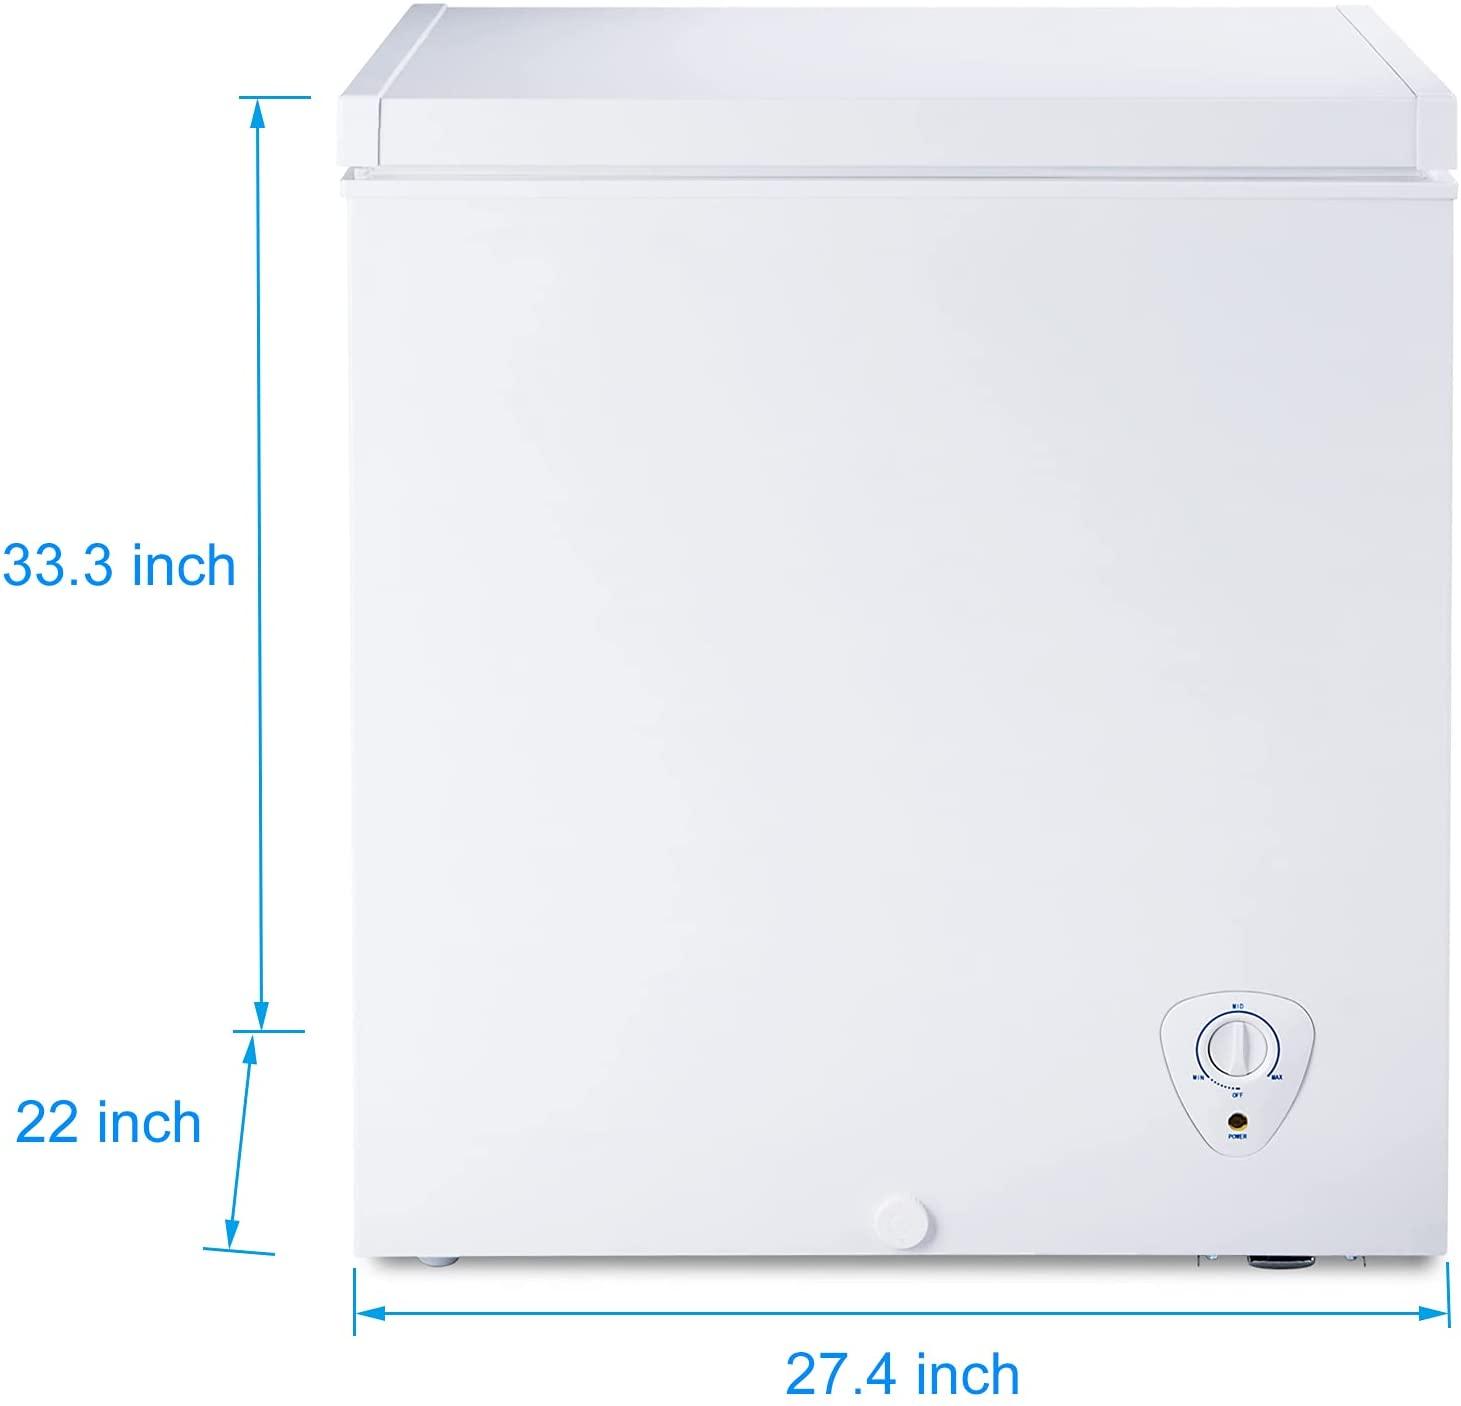 SMETA 5 Cu.Ft Chest Freezer Specs